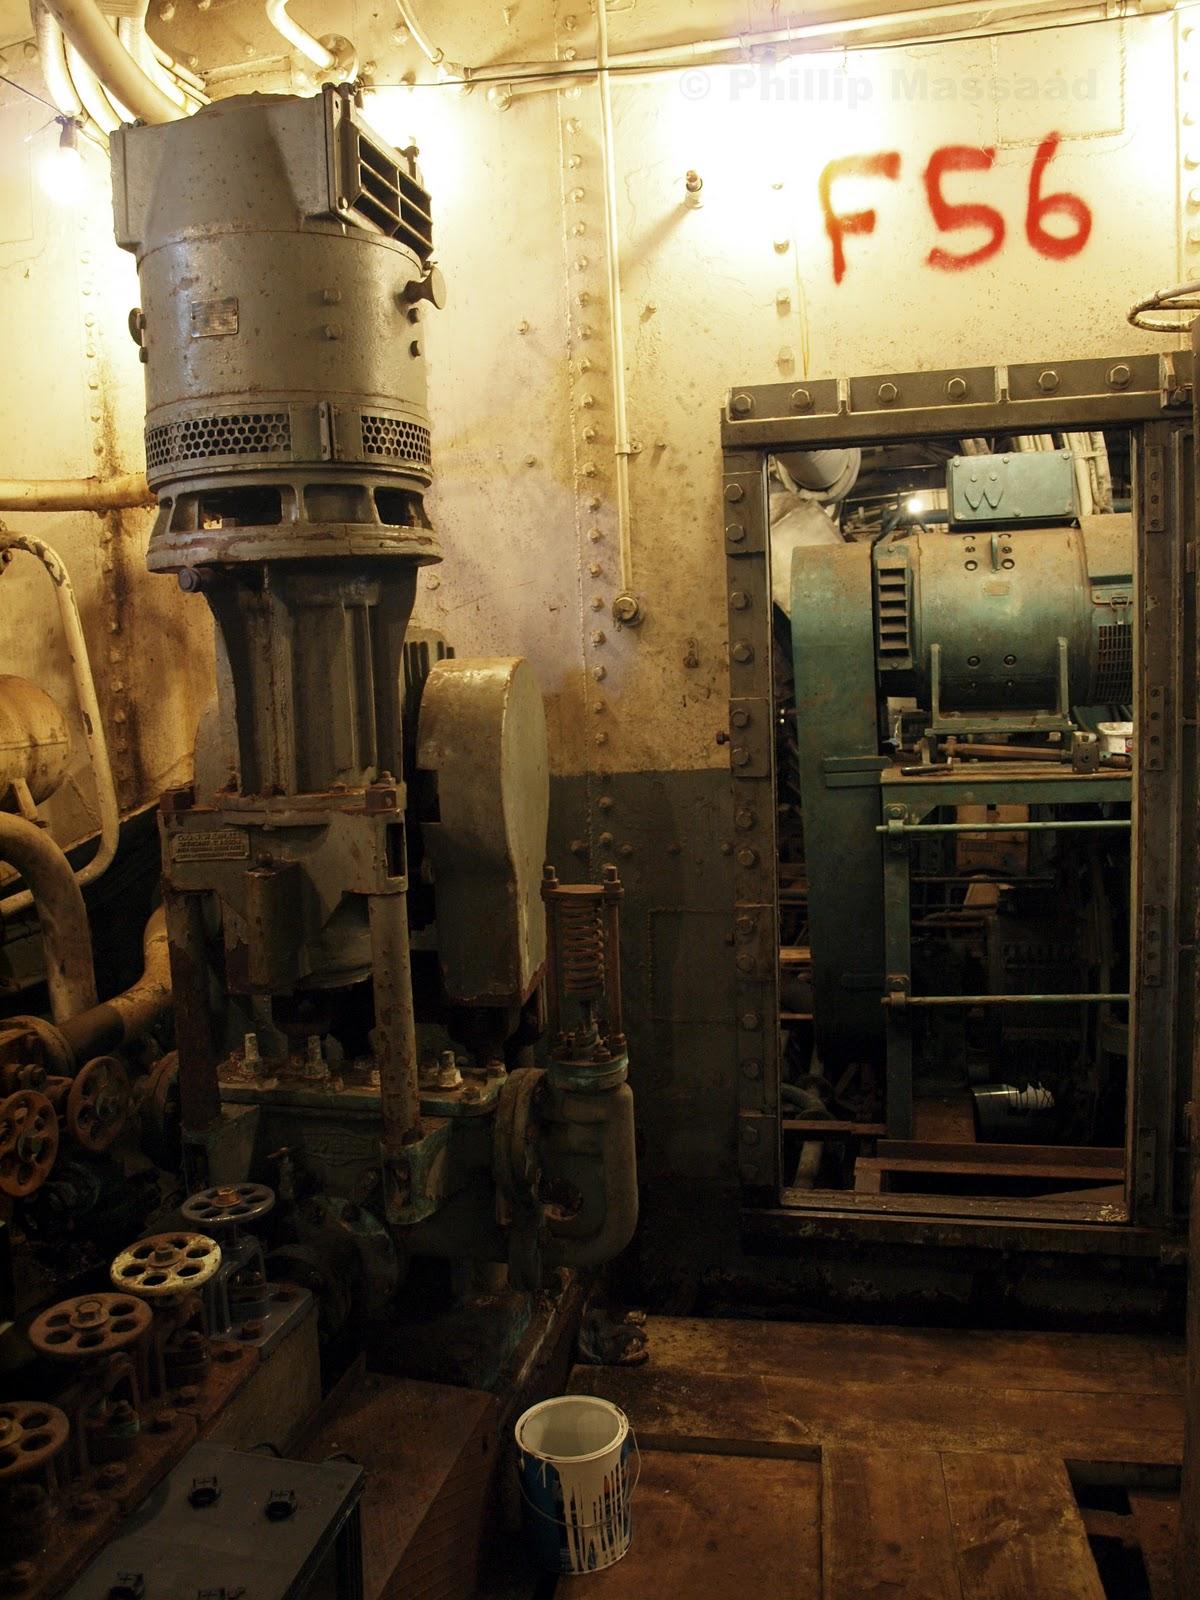 The Engine Room Design: Mono Ships & Shipwrecks: December 2010